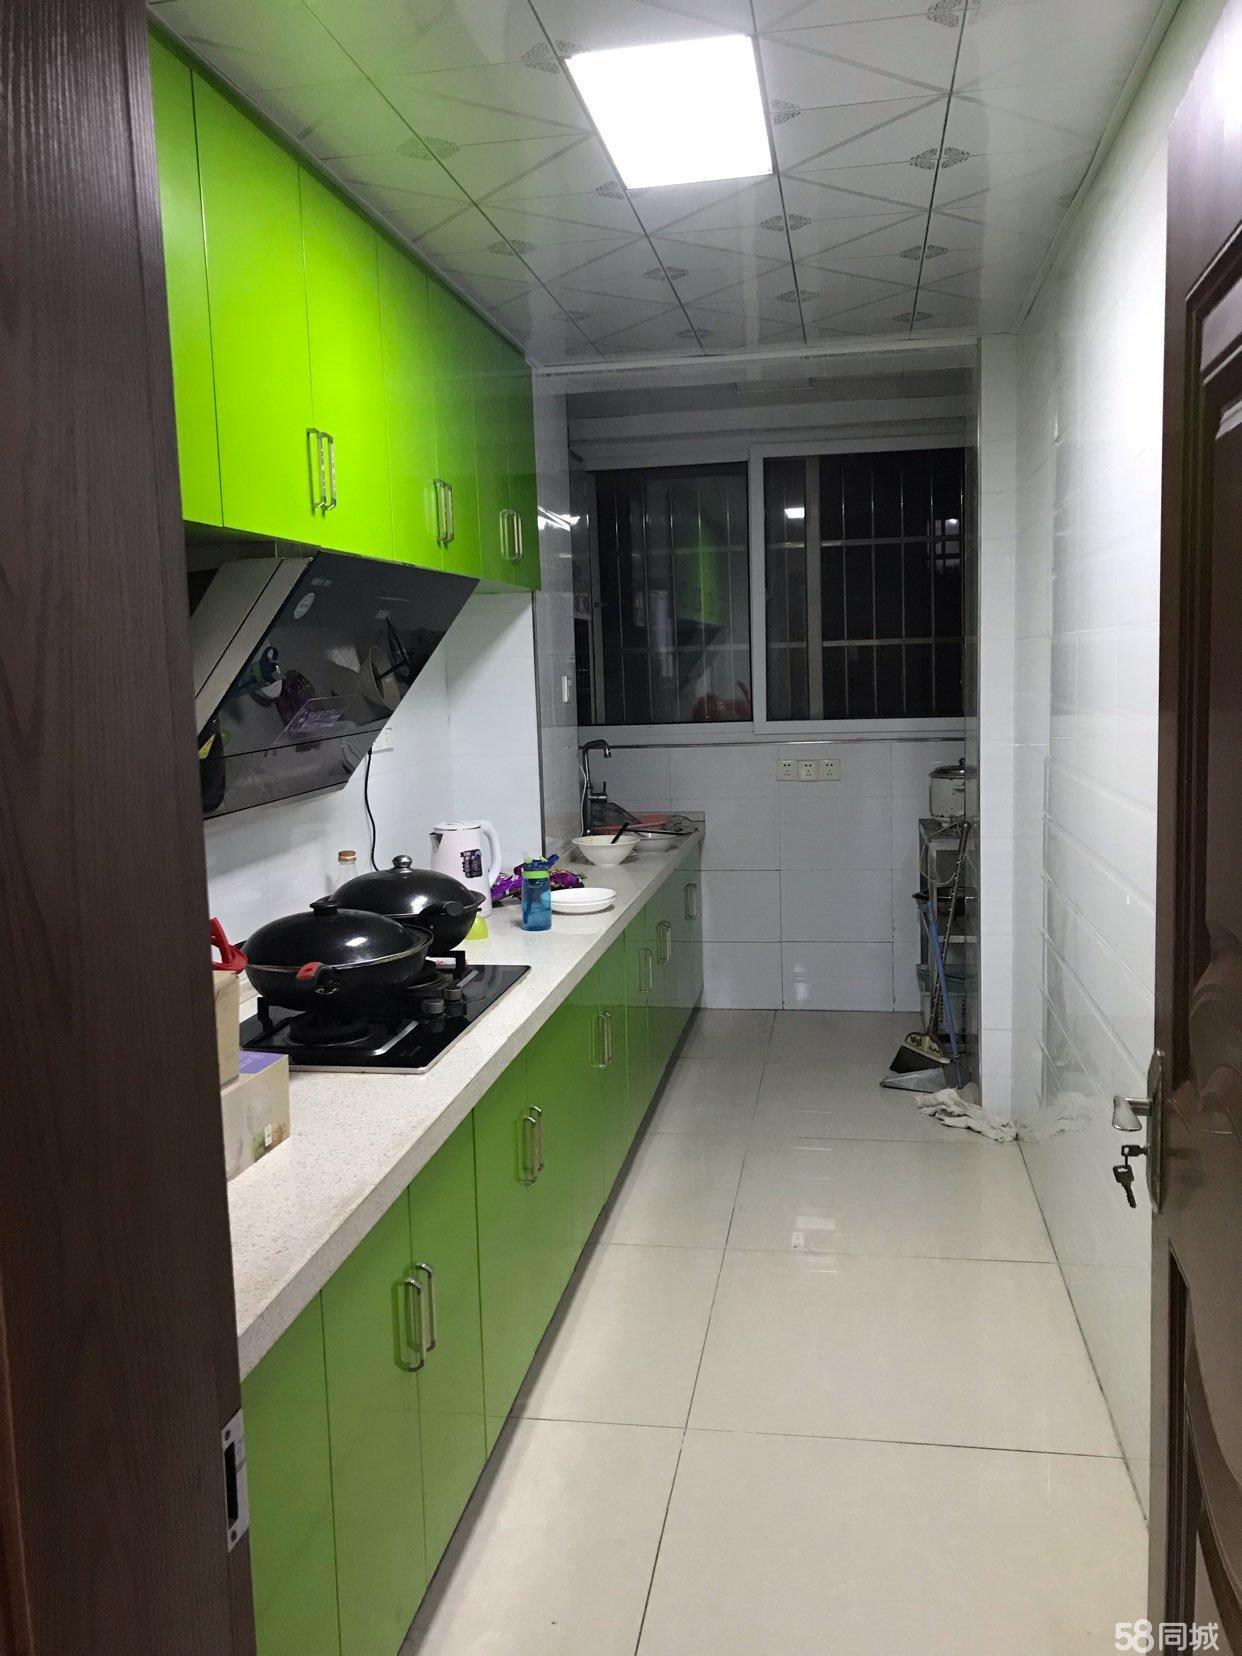 天泽名城两室两厅目前空置,房东诚心出售家具家电全送